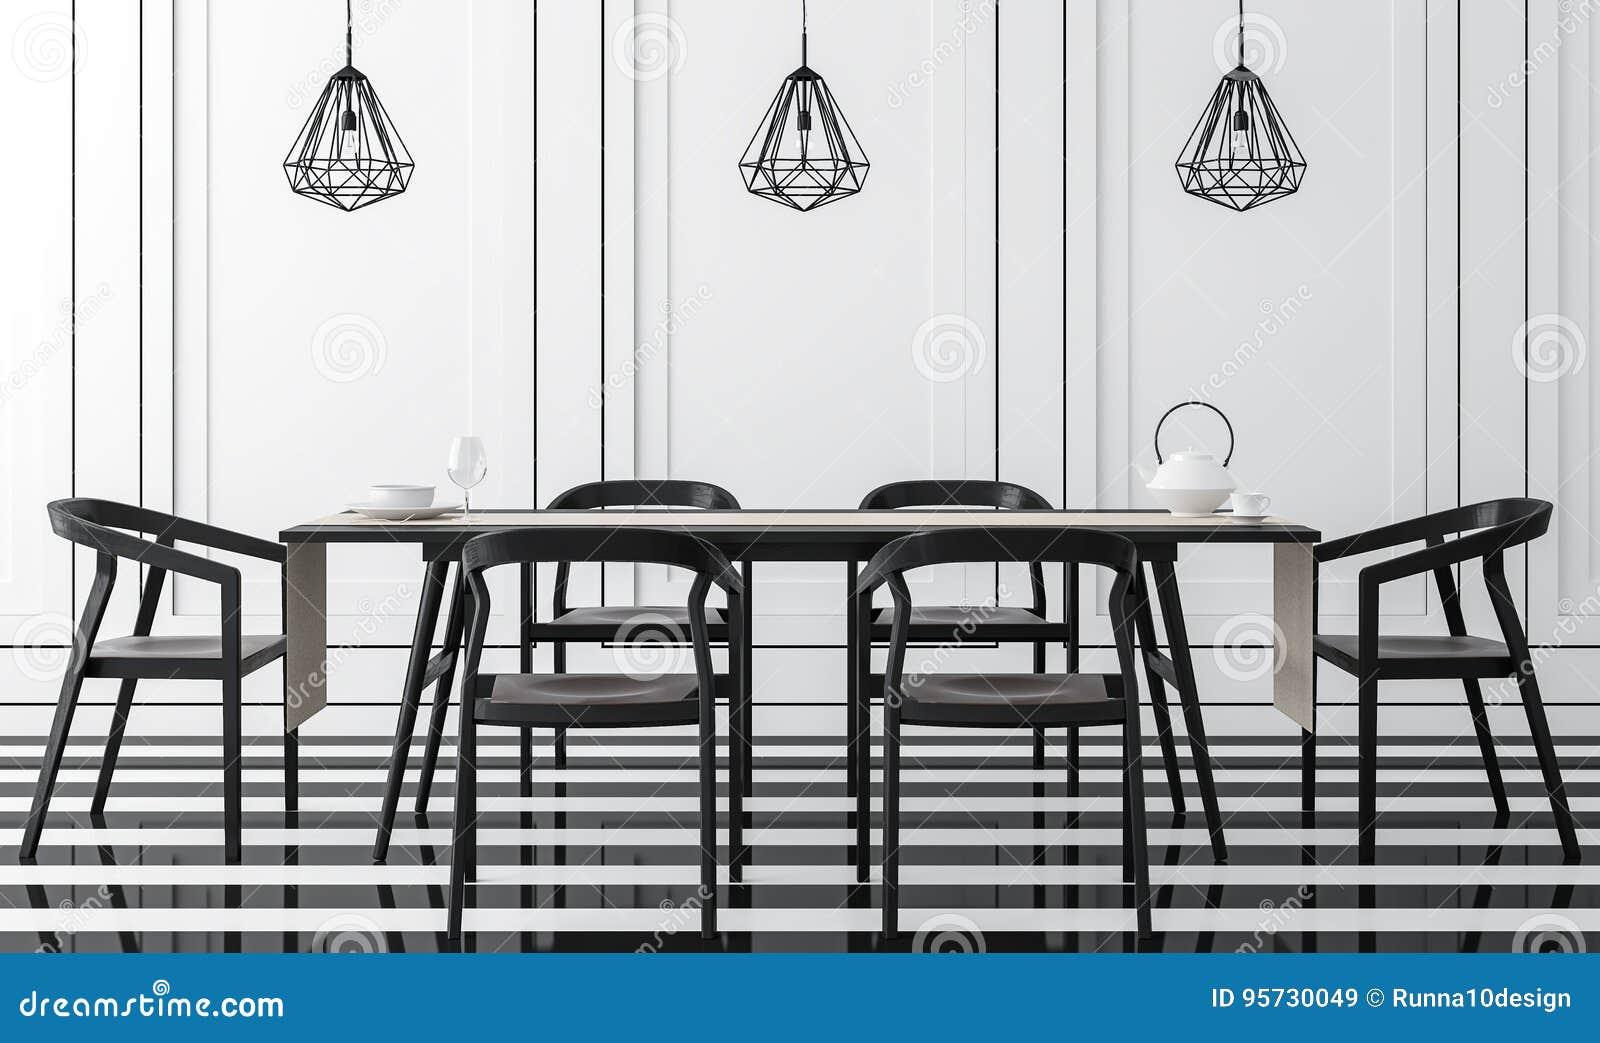 https://thumbs.dreamstime.com/z/sala-da-pranzo-classica-moderna-con-l-immagine-bianco-e-nero-della-rappresentazione-d-95730049.jpg